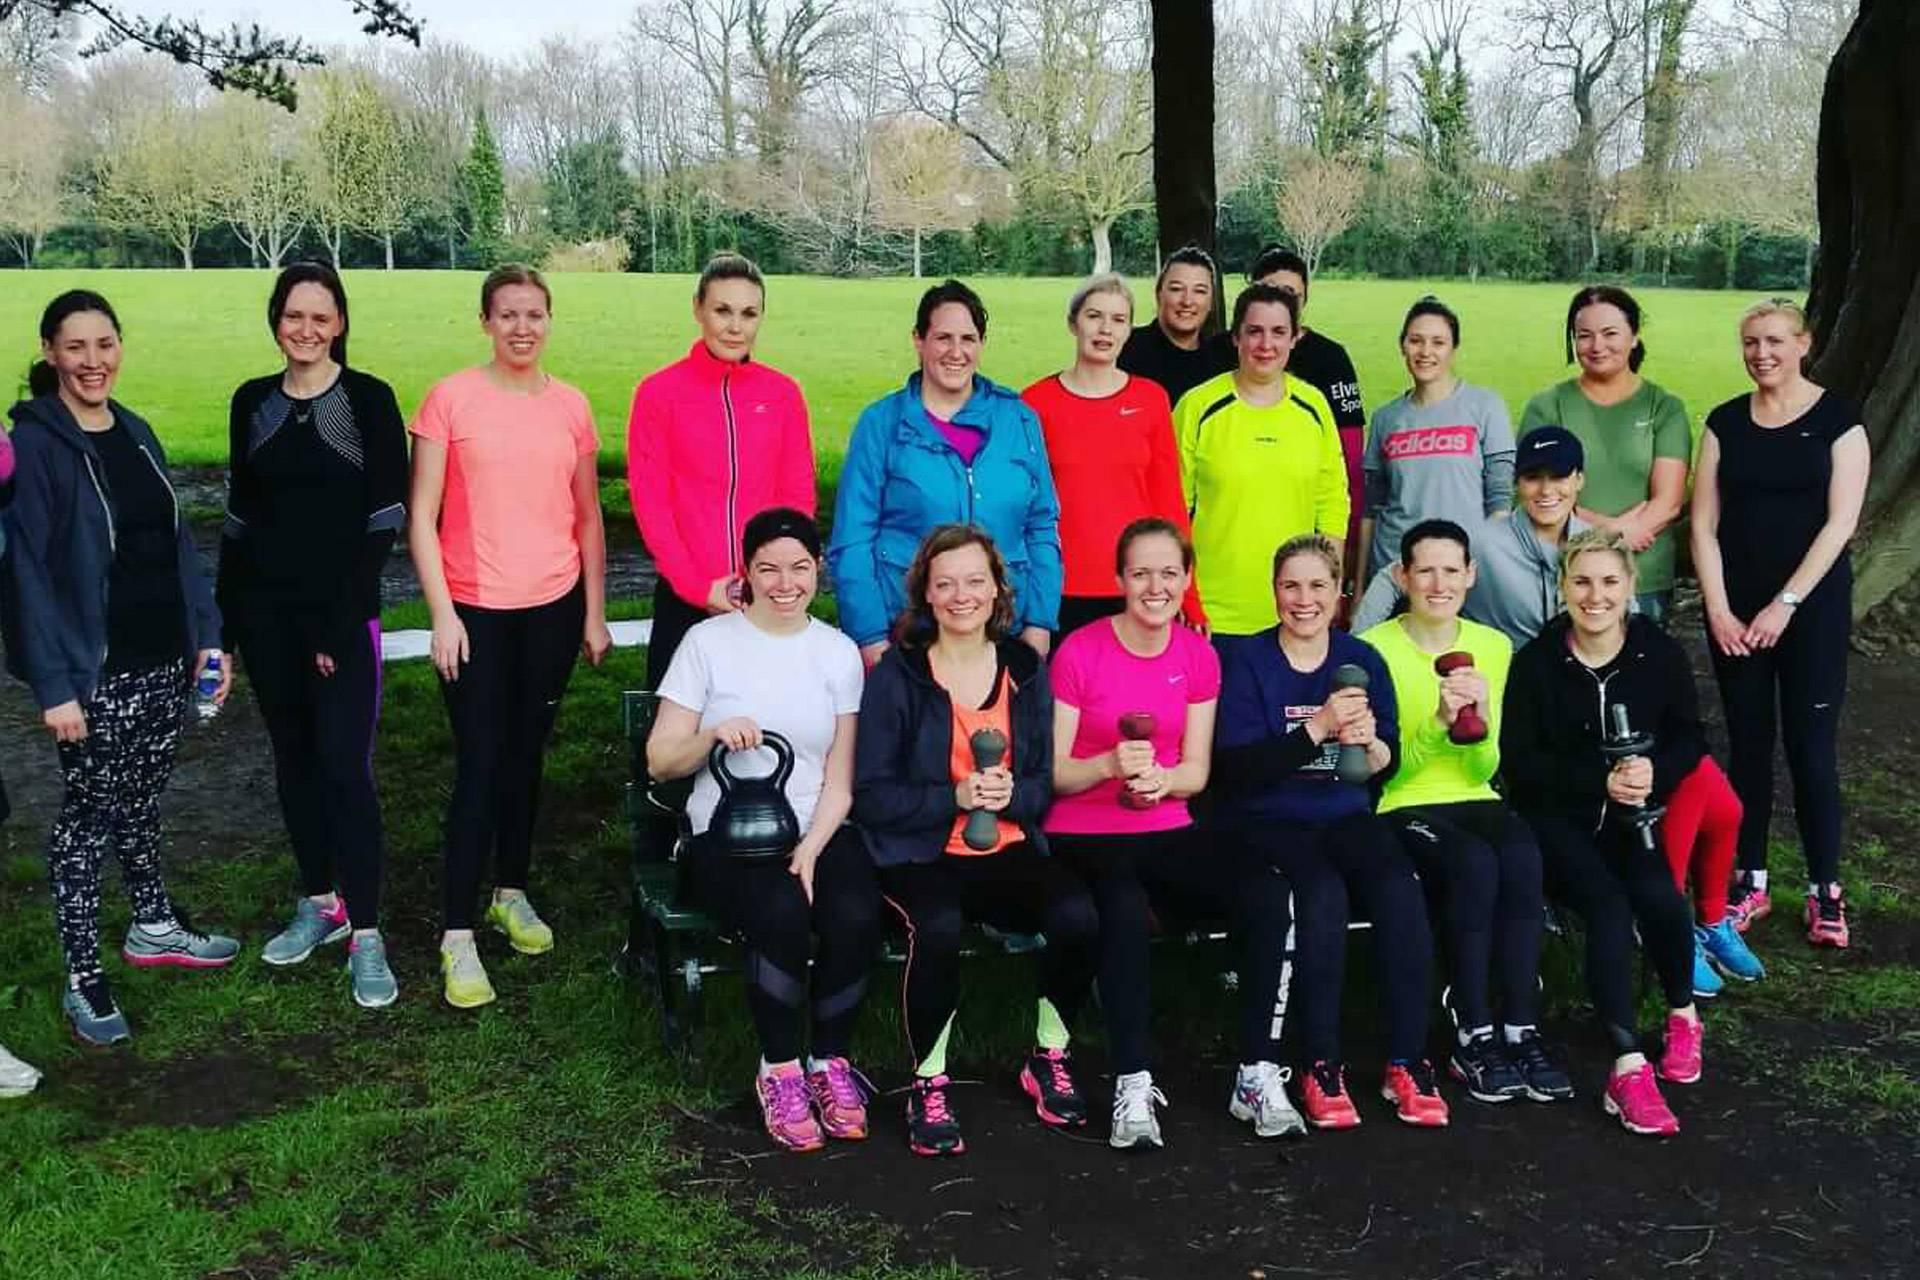 women's fitness class Dublin